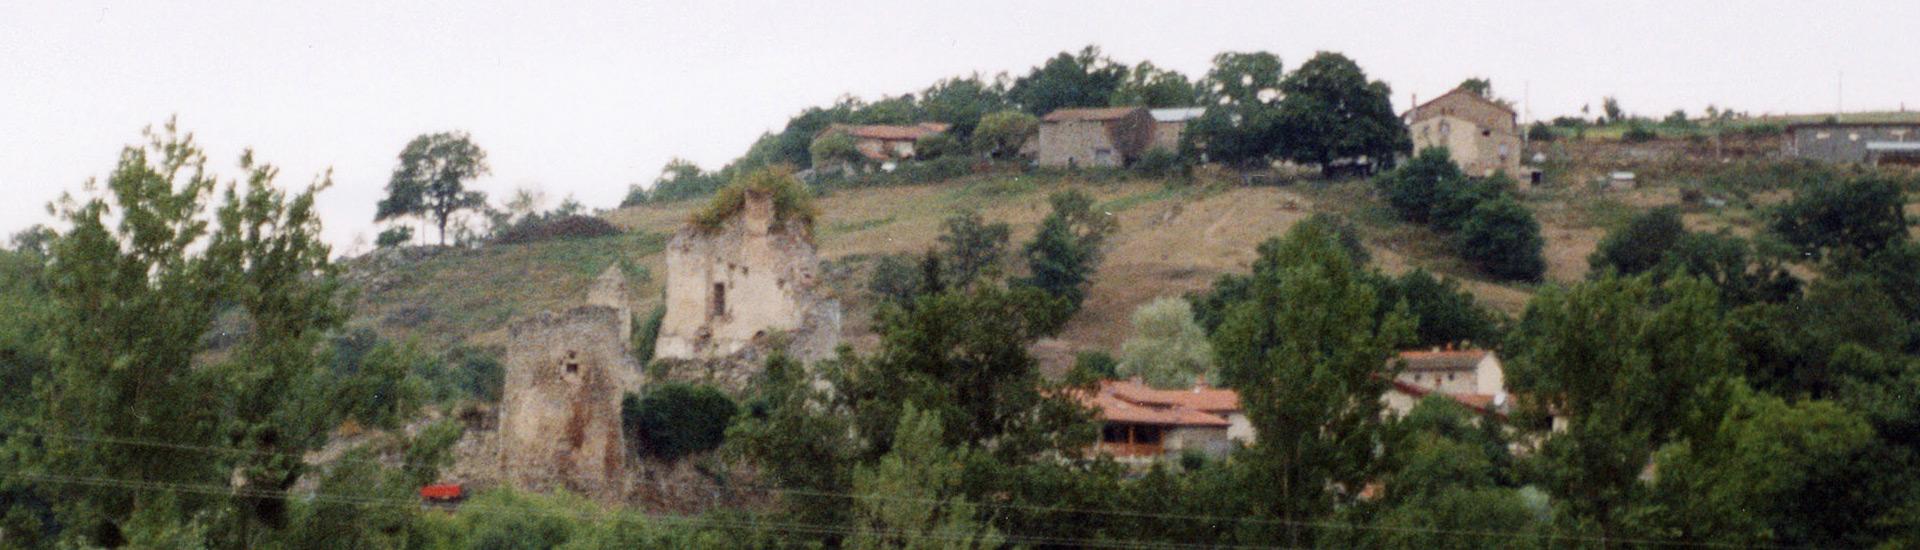 Chateau de Boissonnelle